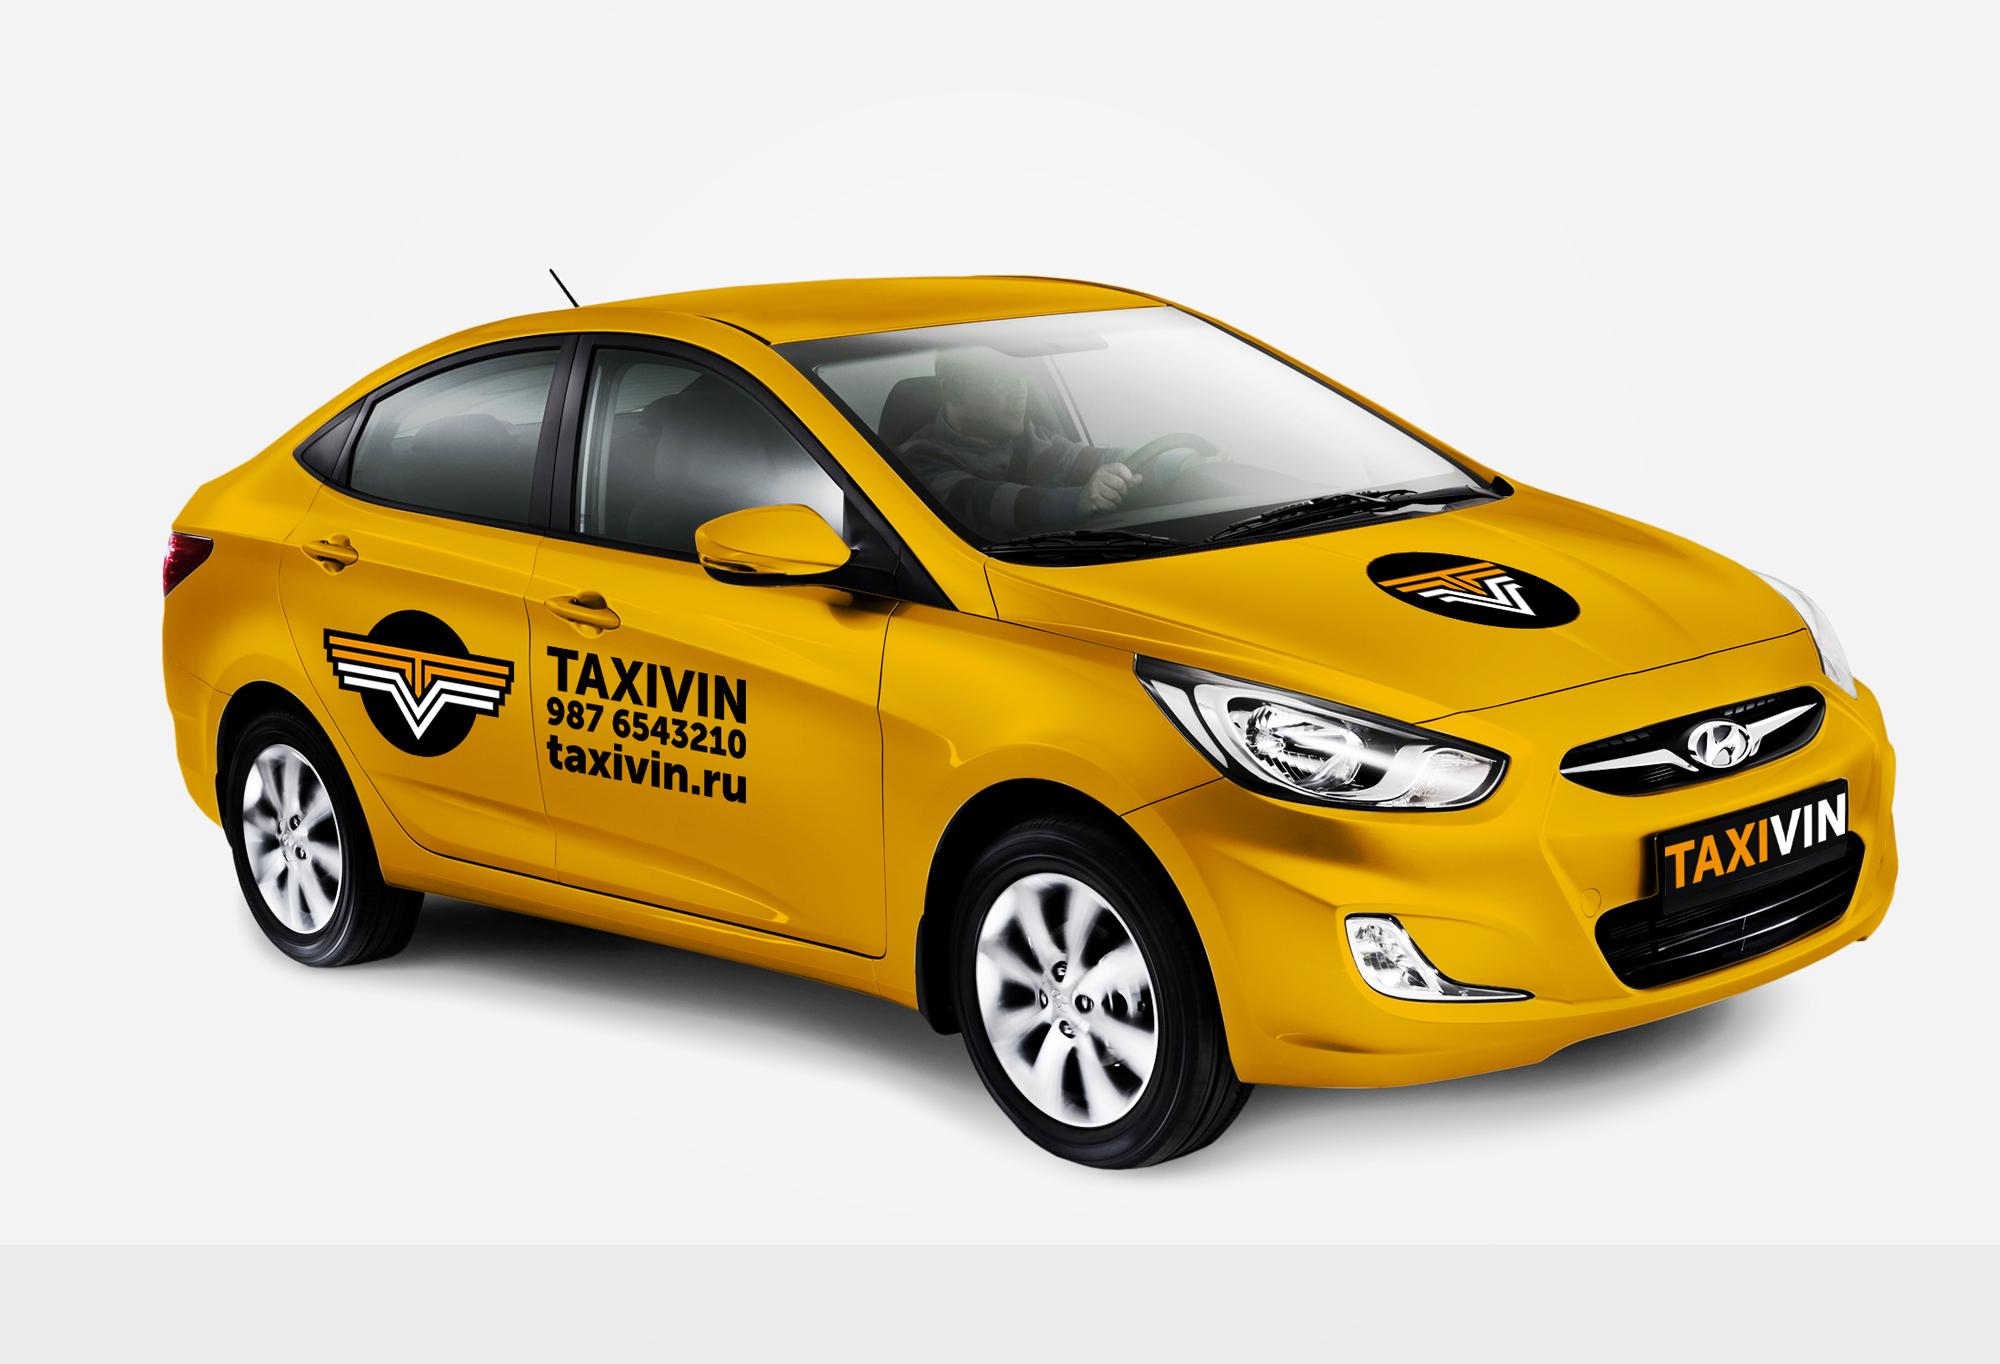 Разработка логотипа и фирменного стиля для такси фото f_9435b9e7f37d25fb.jpg